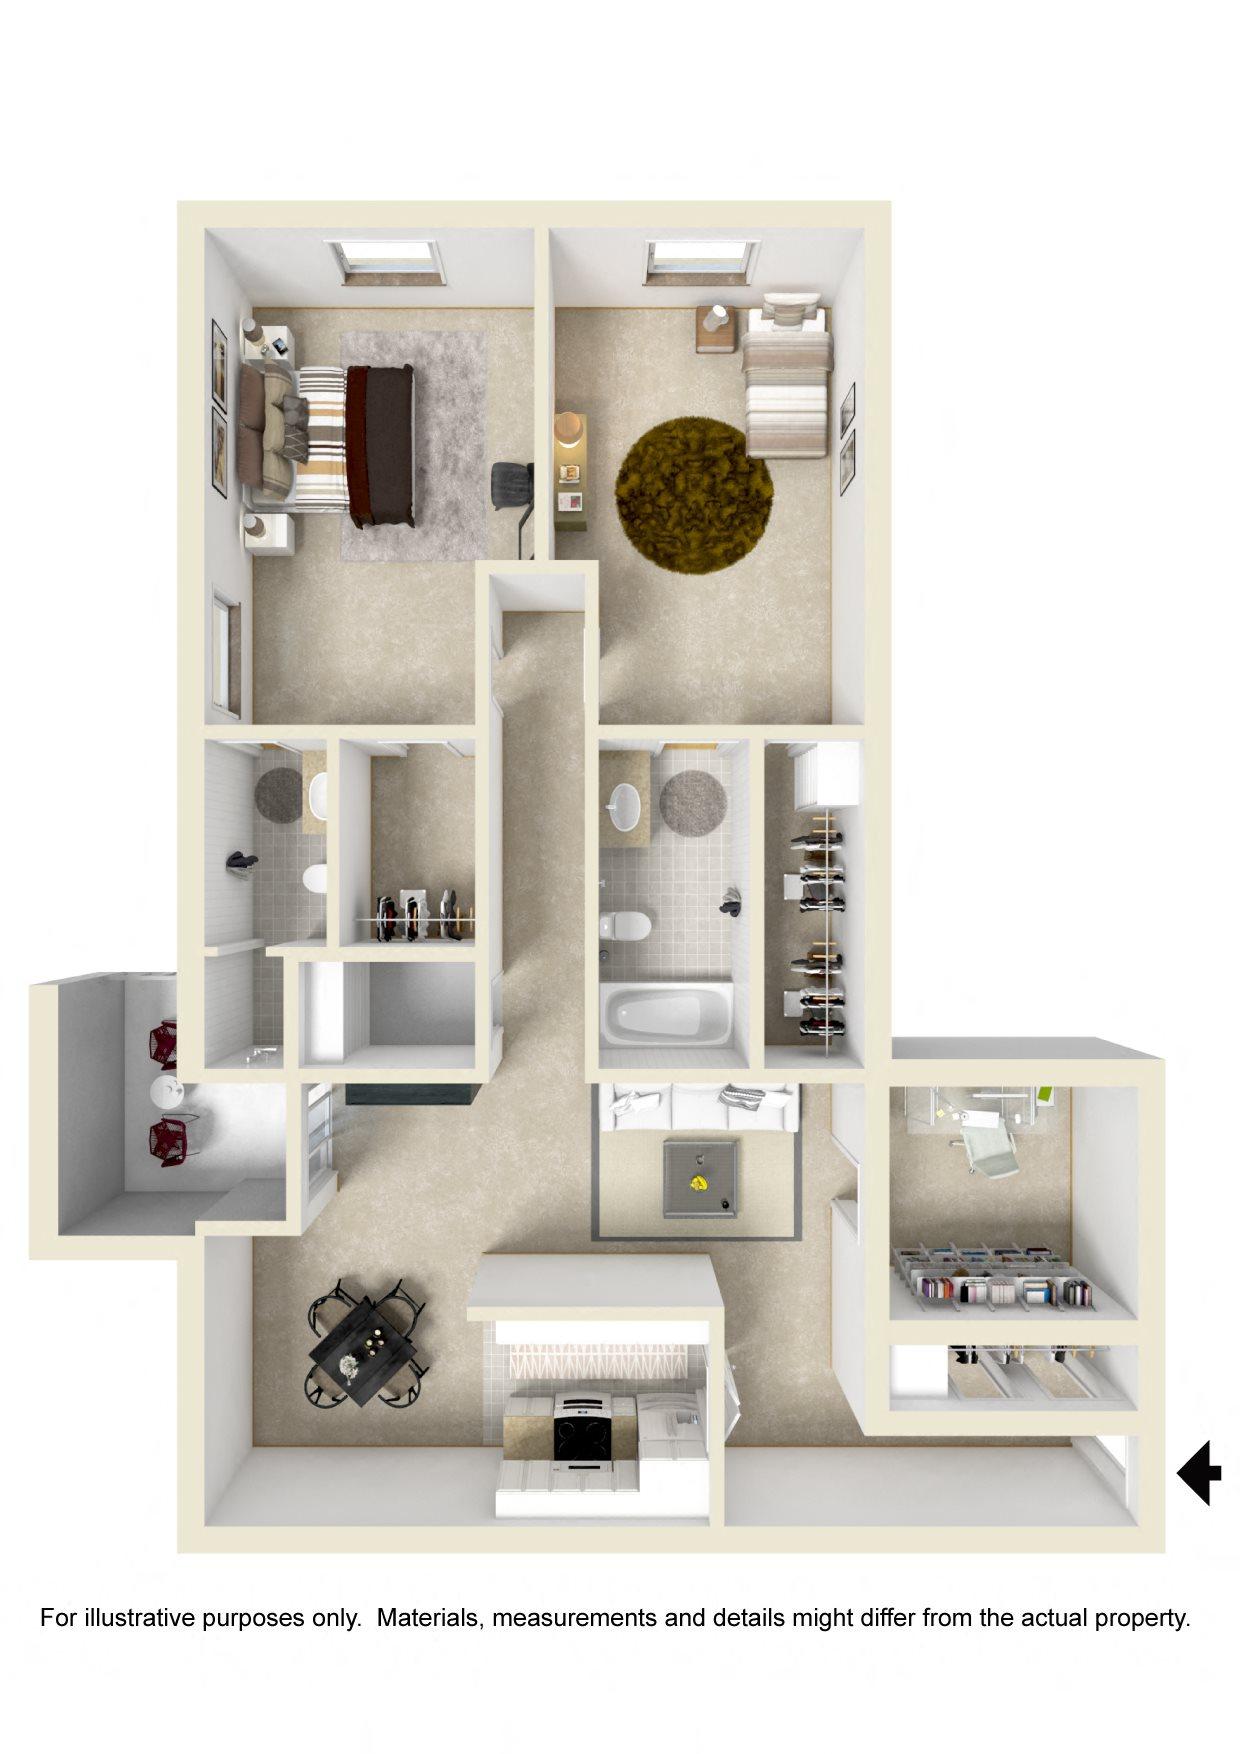 2 BR / 2 BATH Lake View No W/D Floor Plan 3